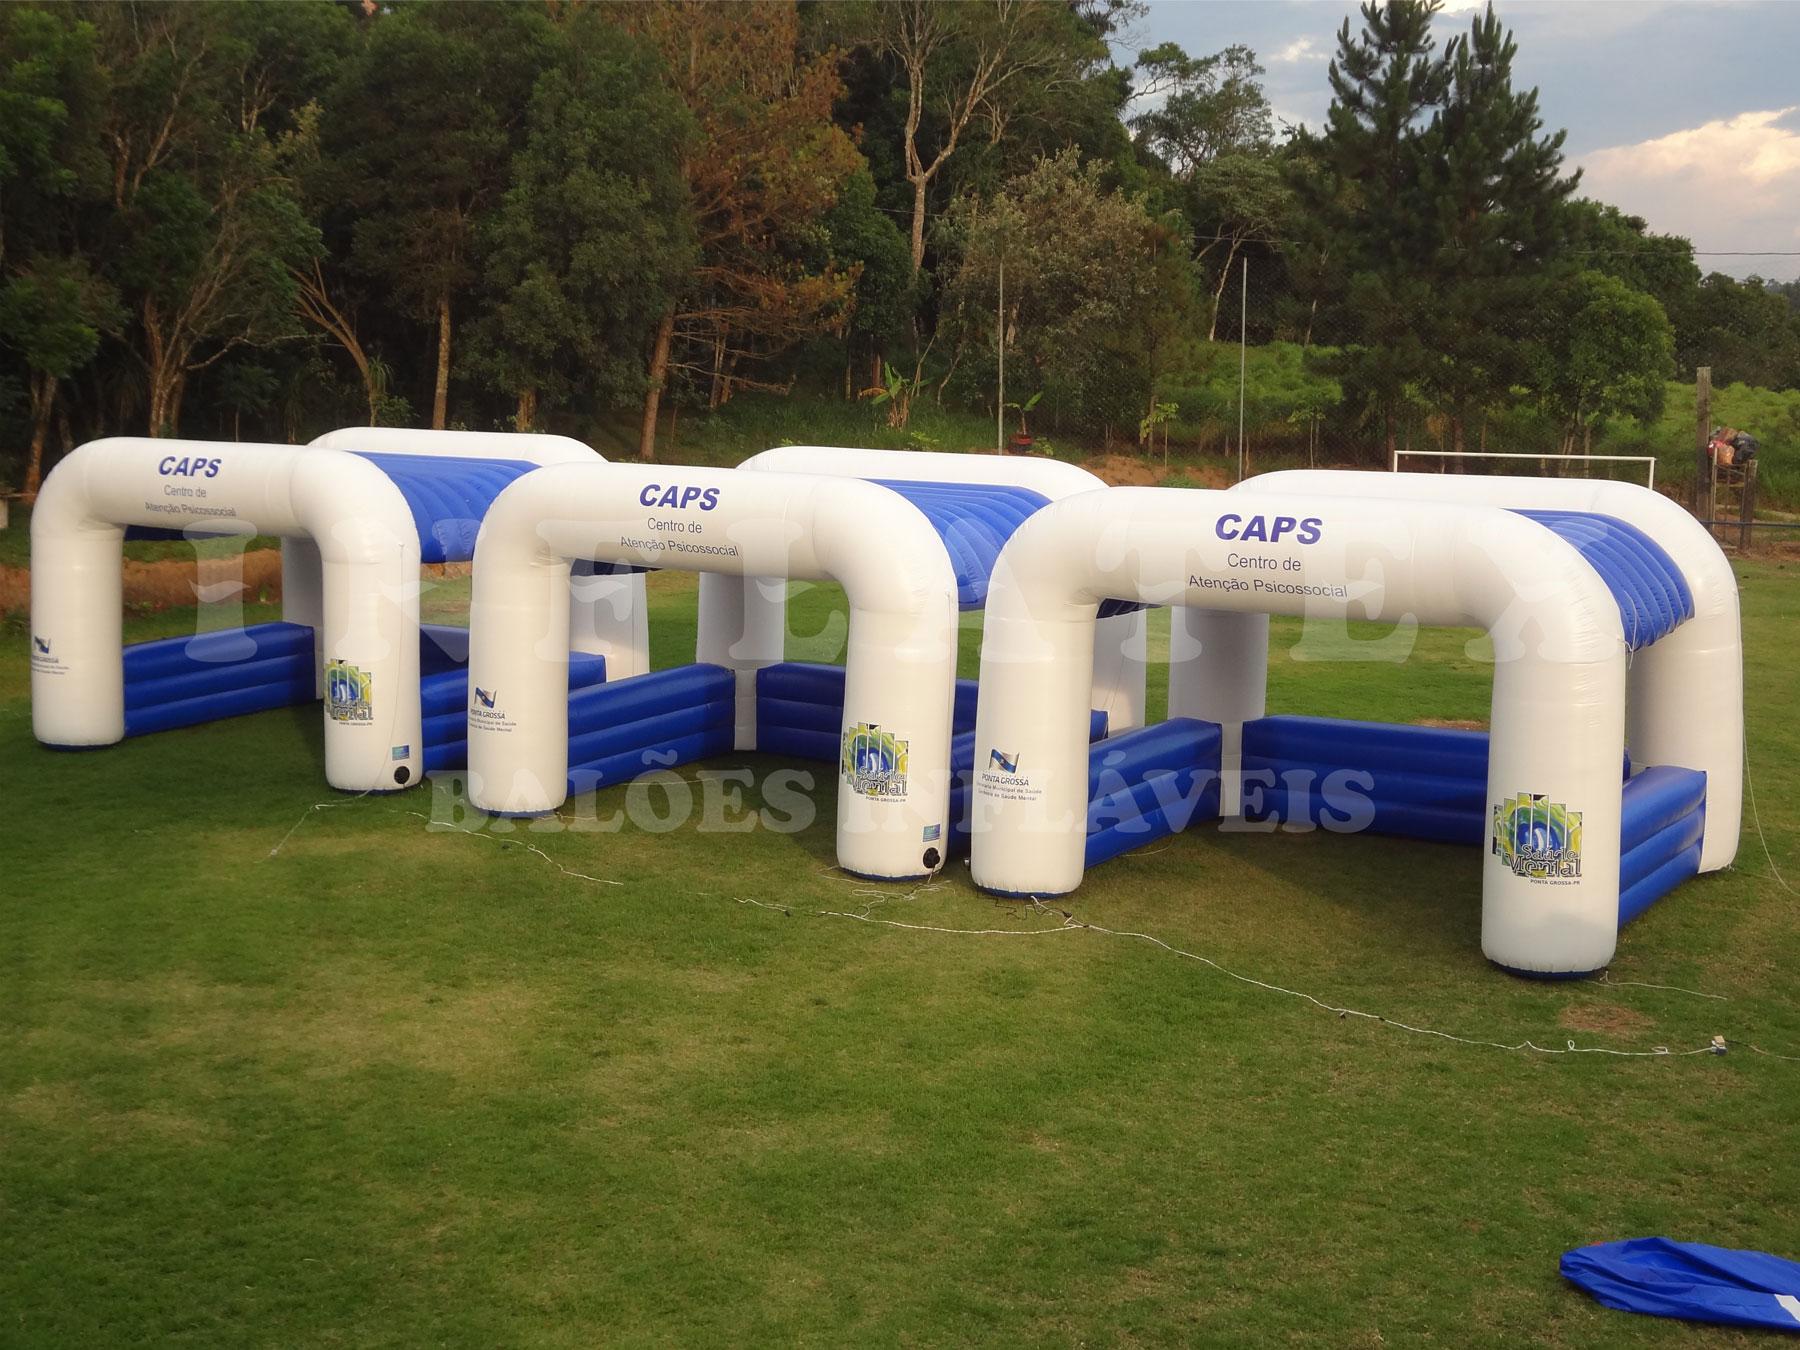 Tenda inflável CAPS